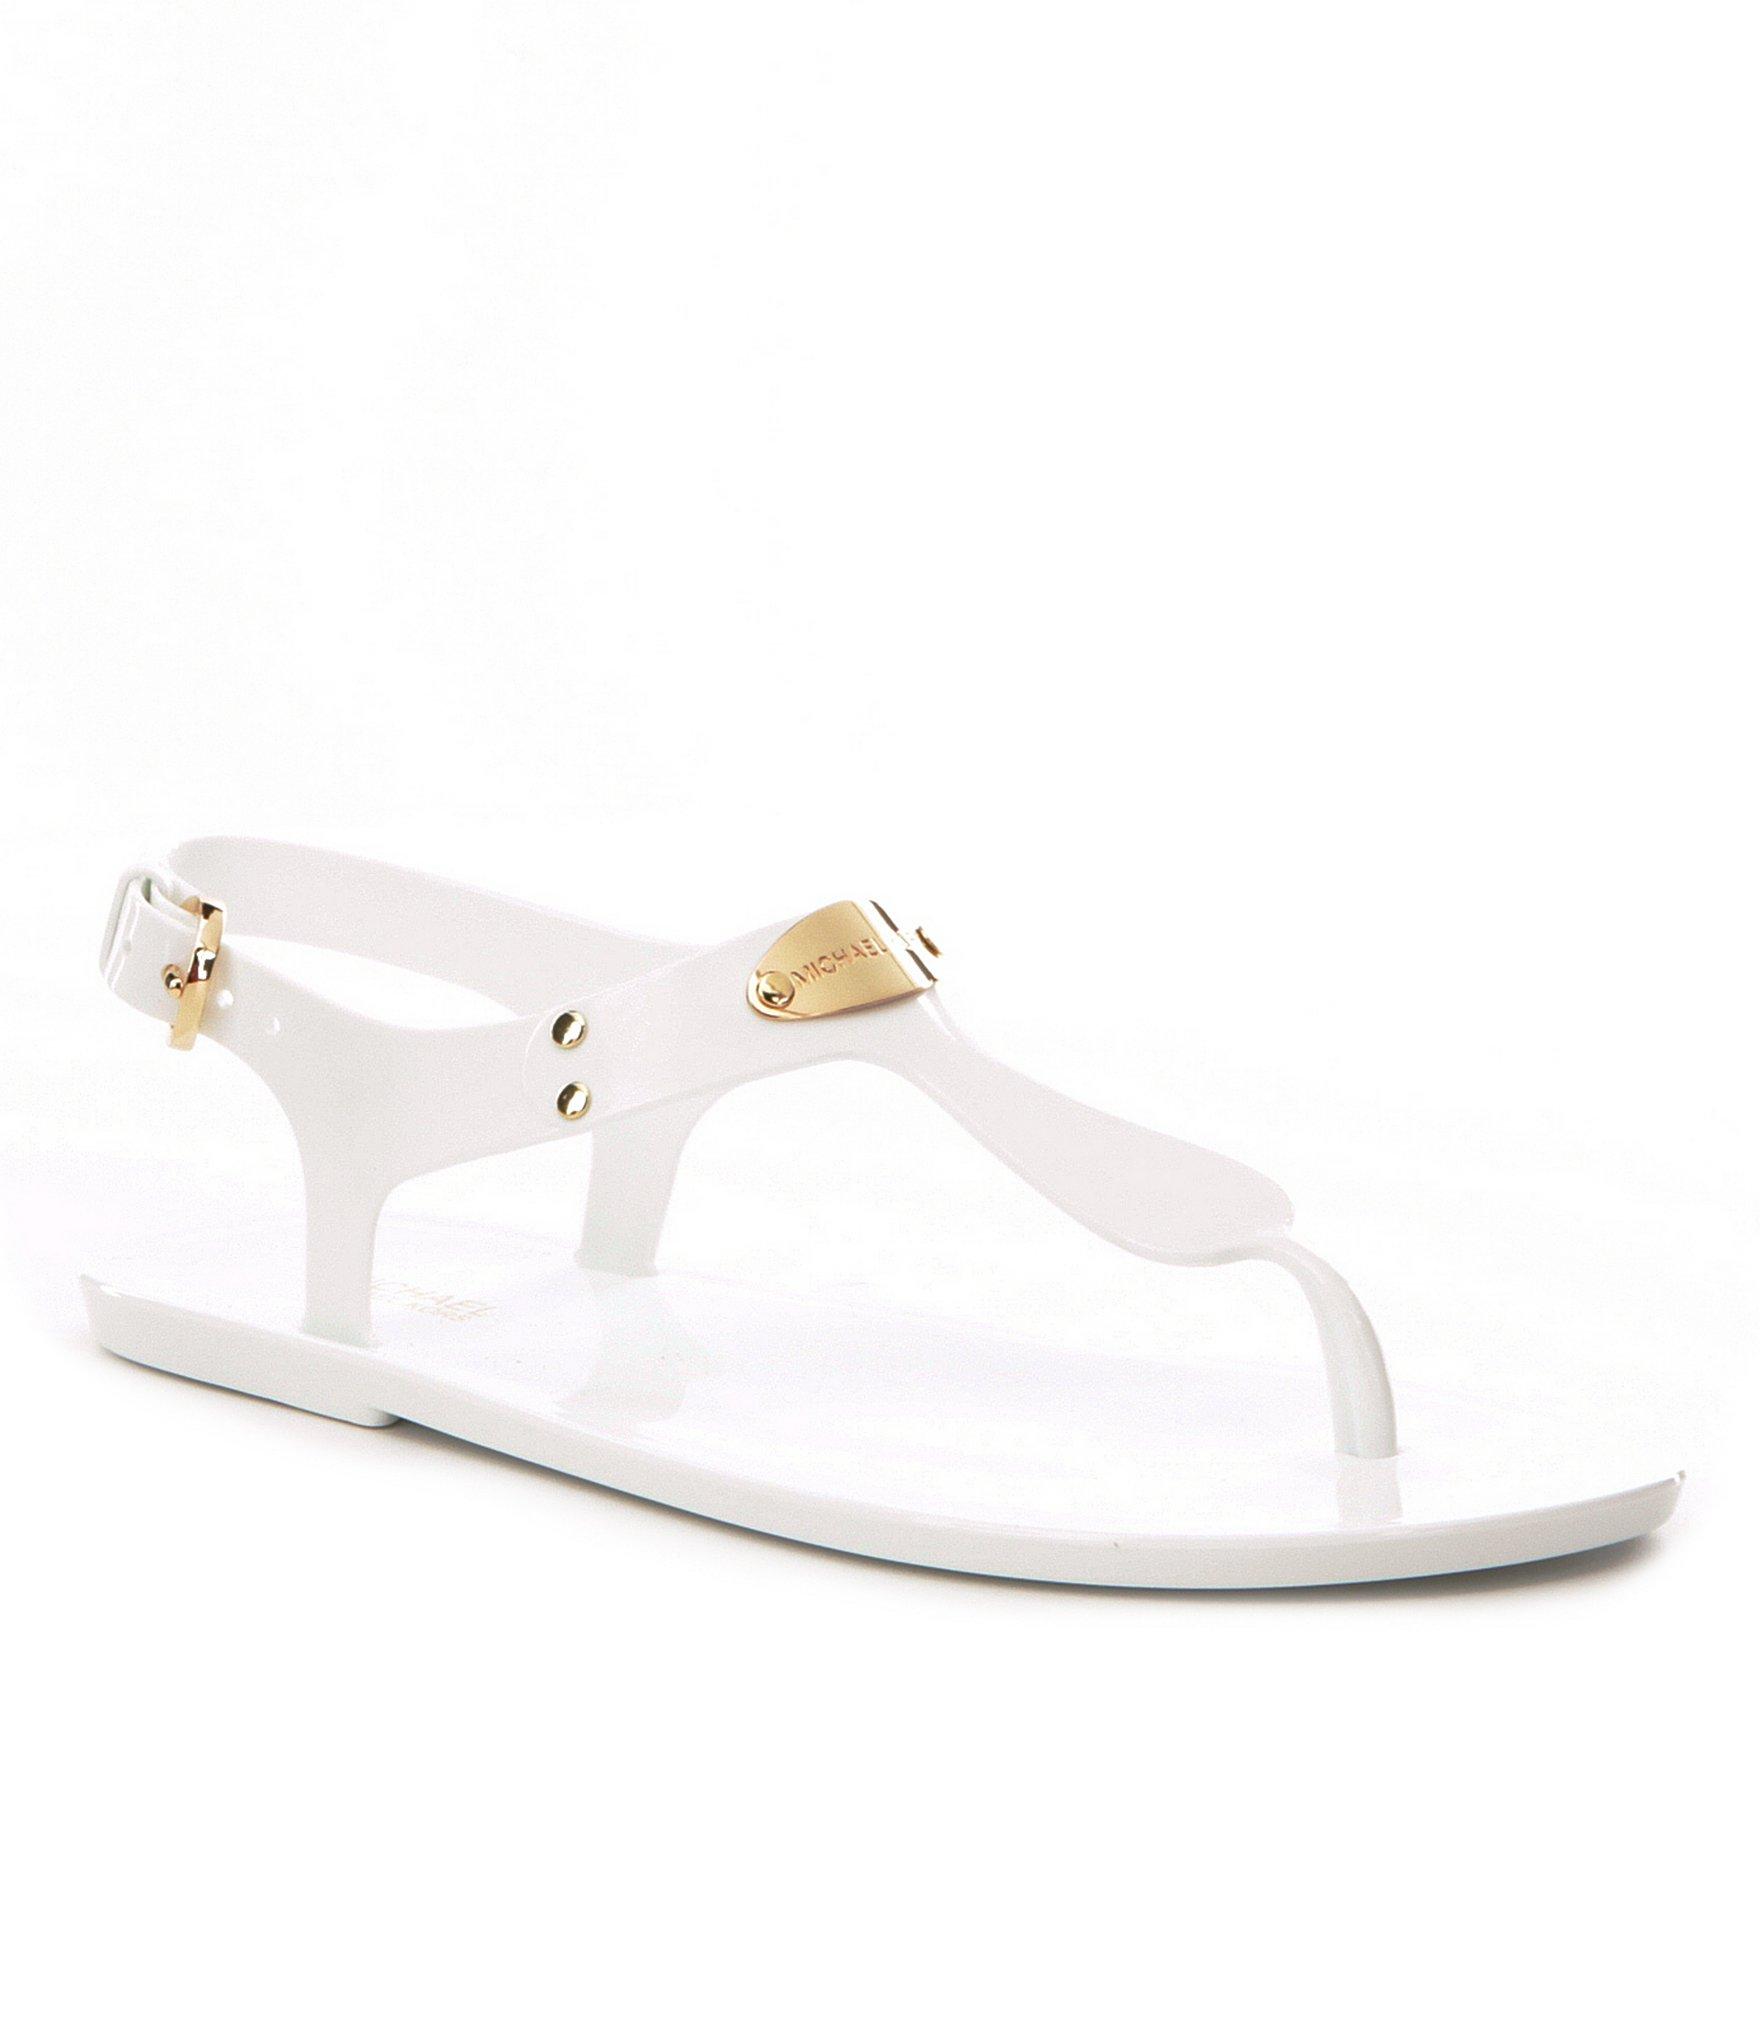 Sandálky Michael Kors MK Jelly Plate Optic White Velikost boty  36 4a9cf485289